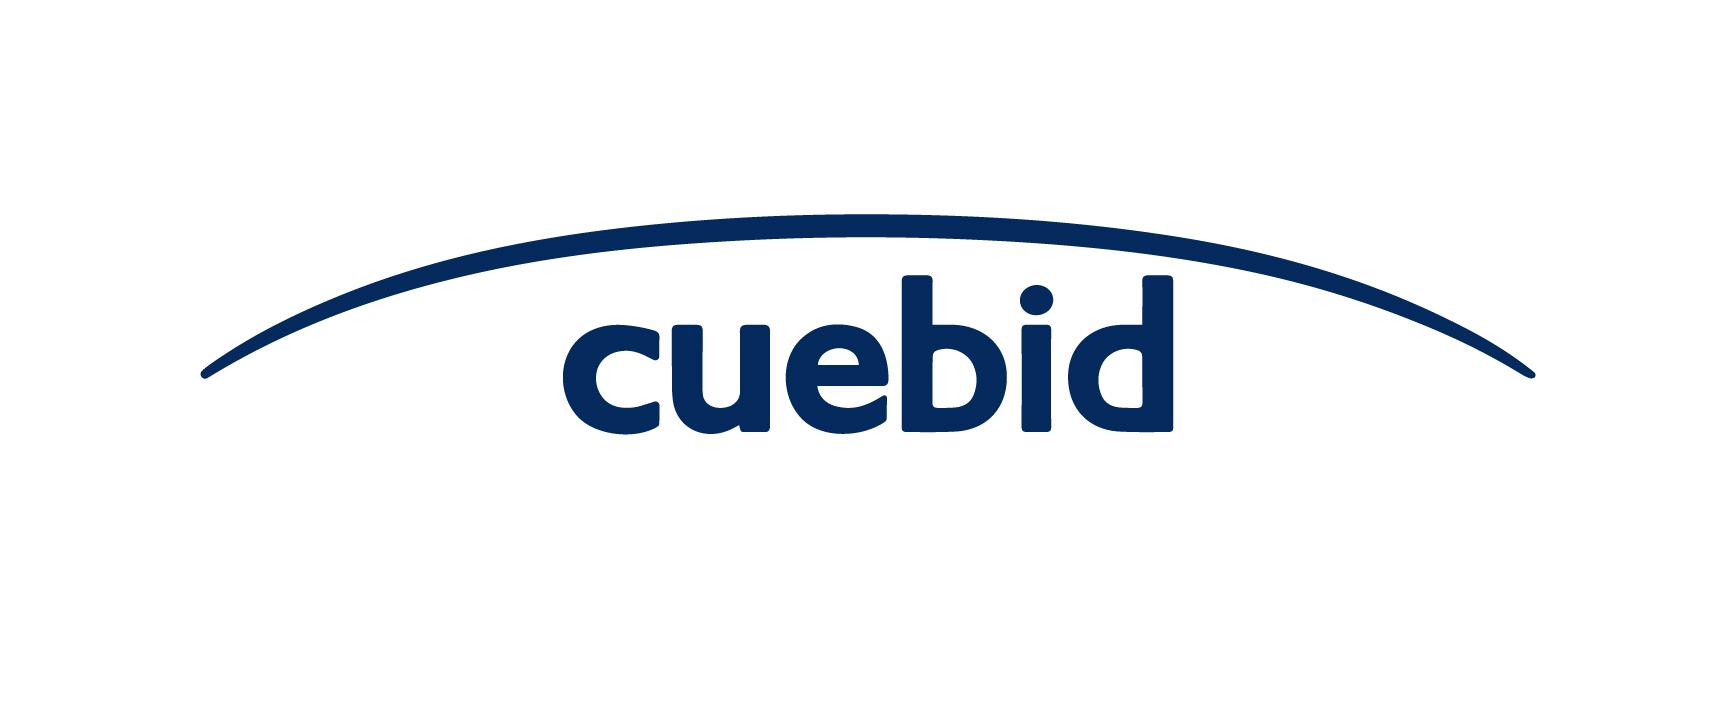 Cuebid